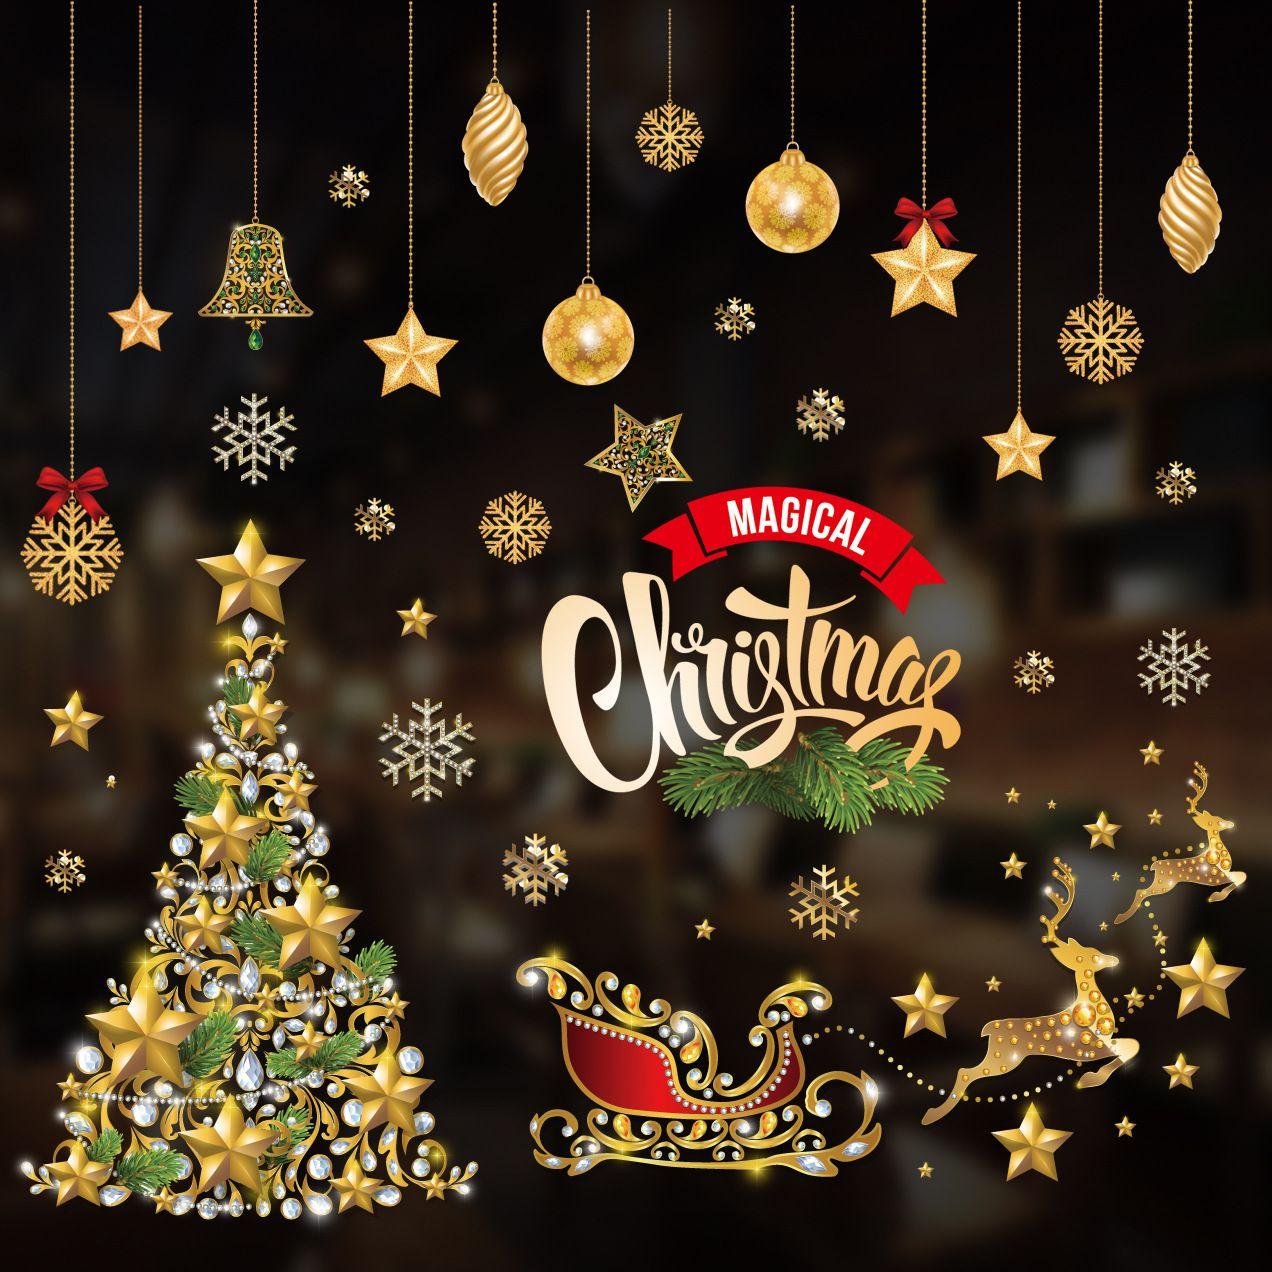 Natale decorazioni per la casa Finestra muro Adesivi natale Navidad Xmas 2020 Ornament Capodanno Decorazione per vetro Adesivi di Natale fornisce AAA